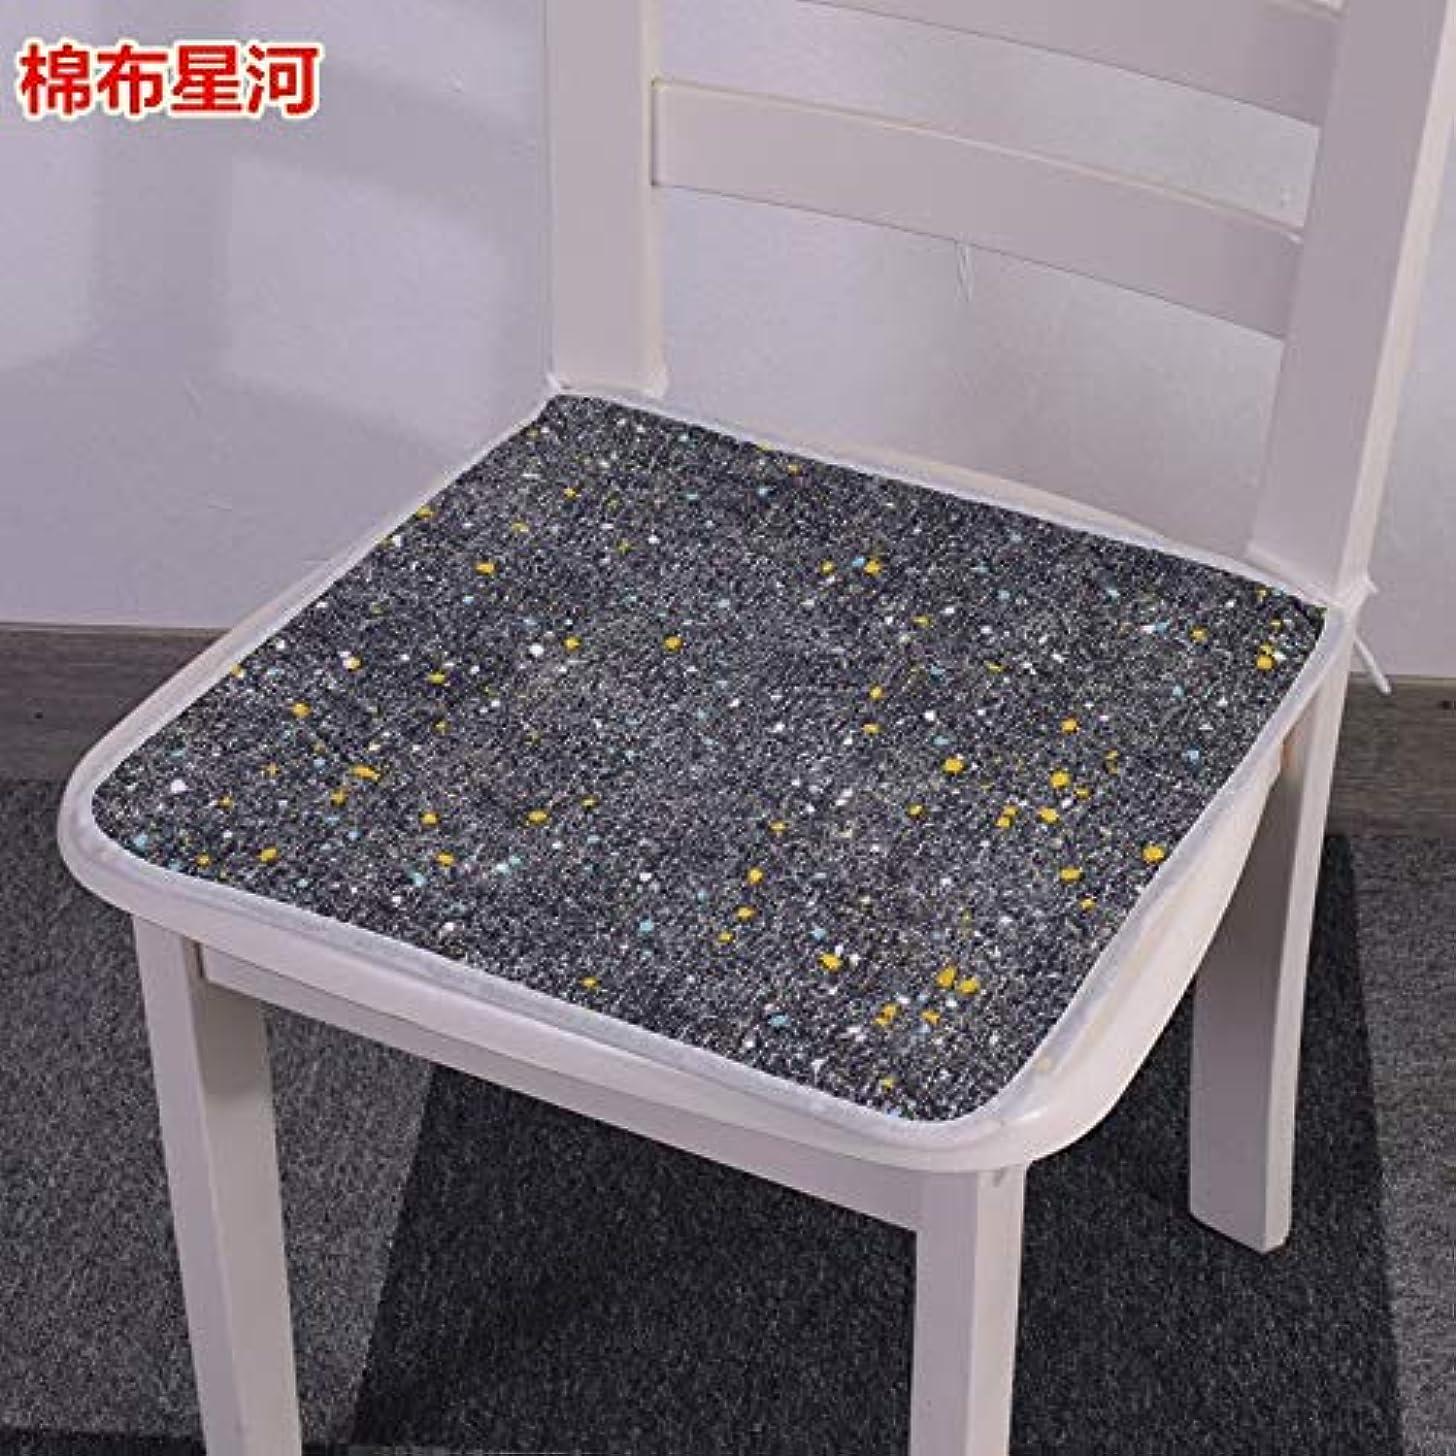 羊の絵法医学LIFE 現代スーパーソフト椅子クッション非スリップシートクッションマットソファホームデコレーションバッククッションチェアパッド 40*40/45*45/50*50 センチメートル クッション 椅子